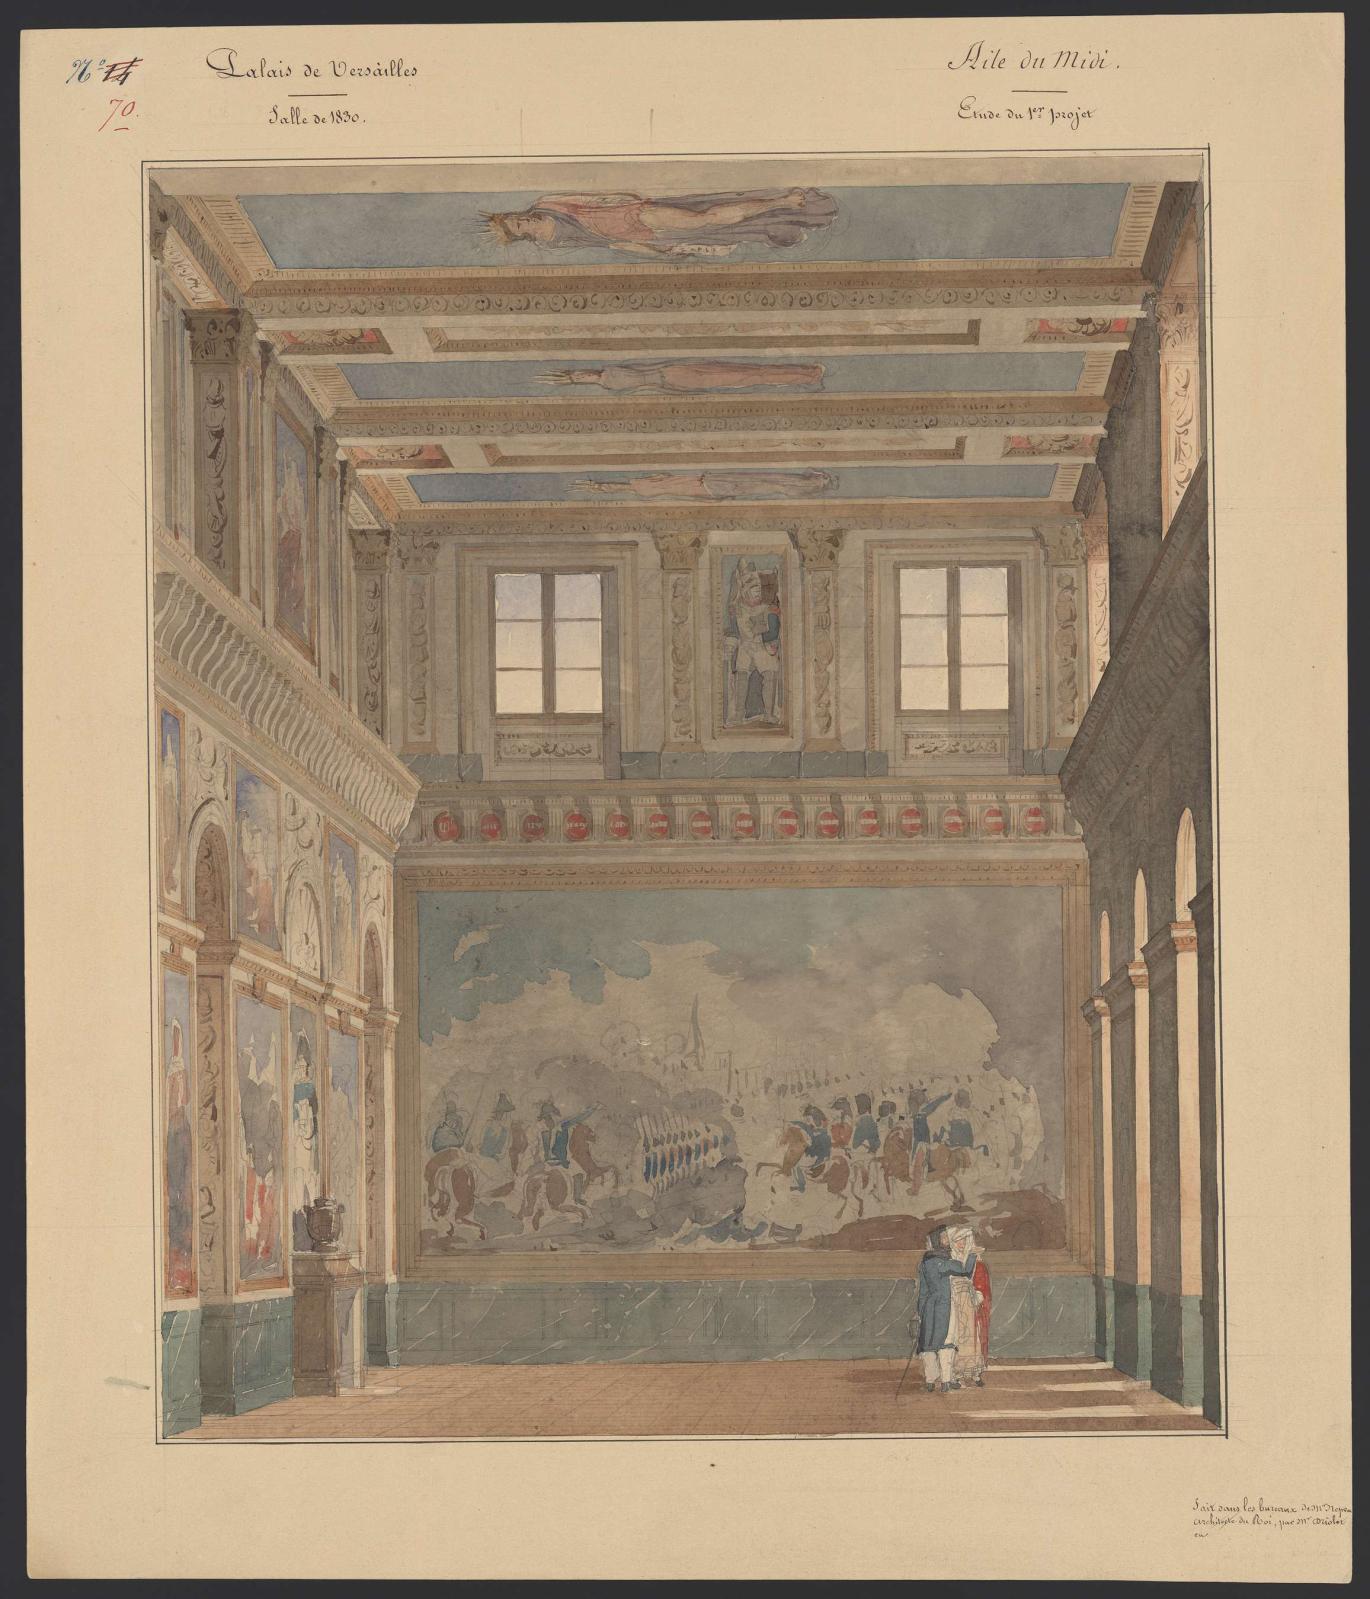 Frédéric Nepveu(1777-1862), Palais de Versailles. Aile du Midi. Élévation de la salle de 1830, premier projet, janvier-octobre1834, musée national d